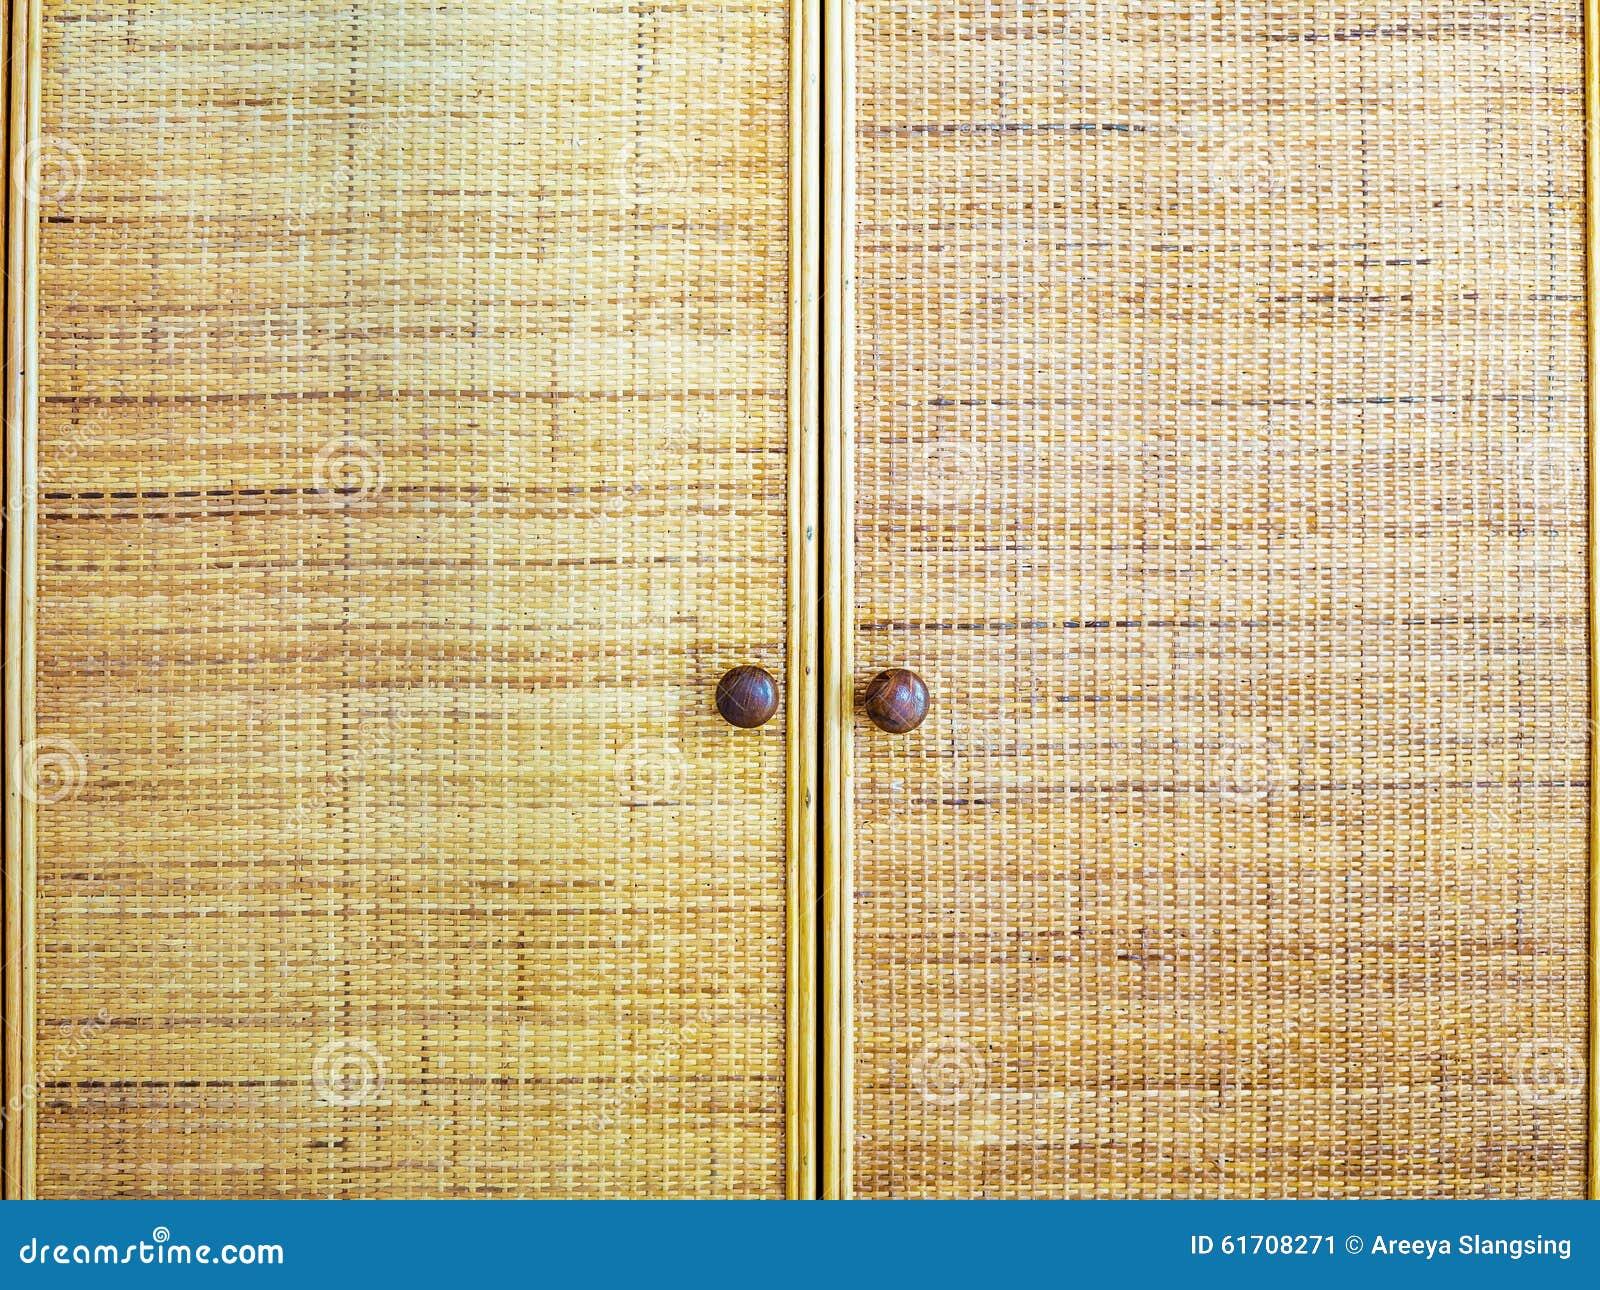 Weaved Bamboo Craft By Handmade Stock Image Image Of Handmade